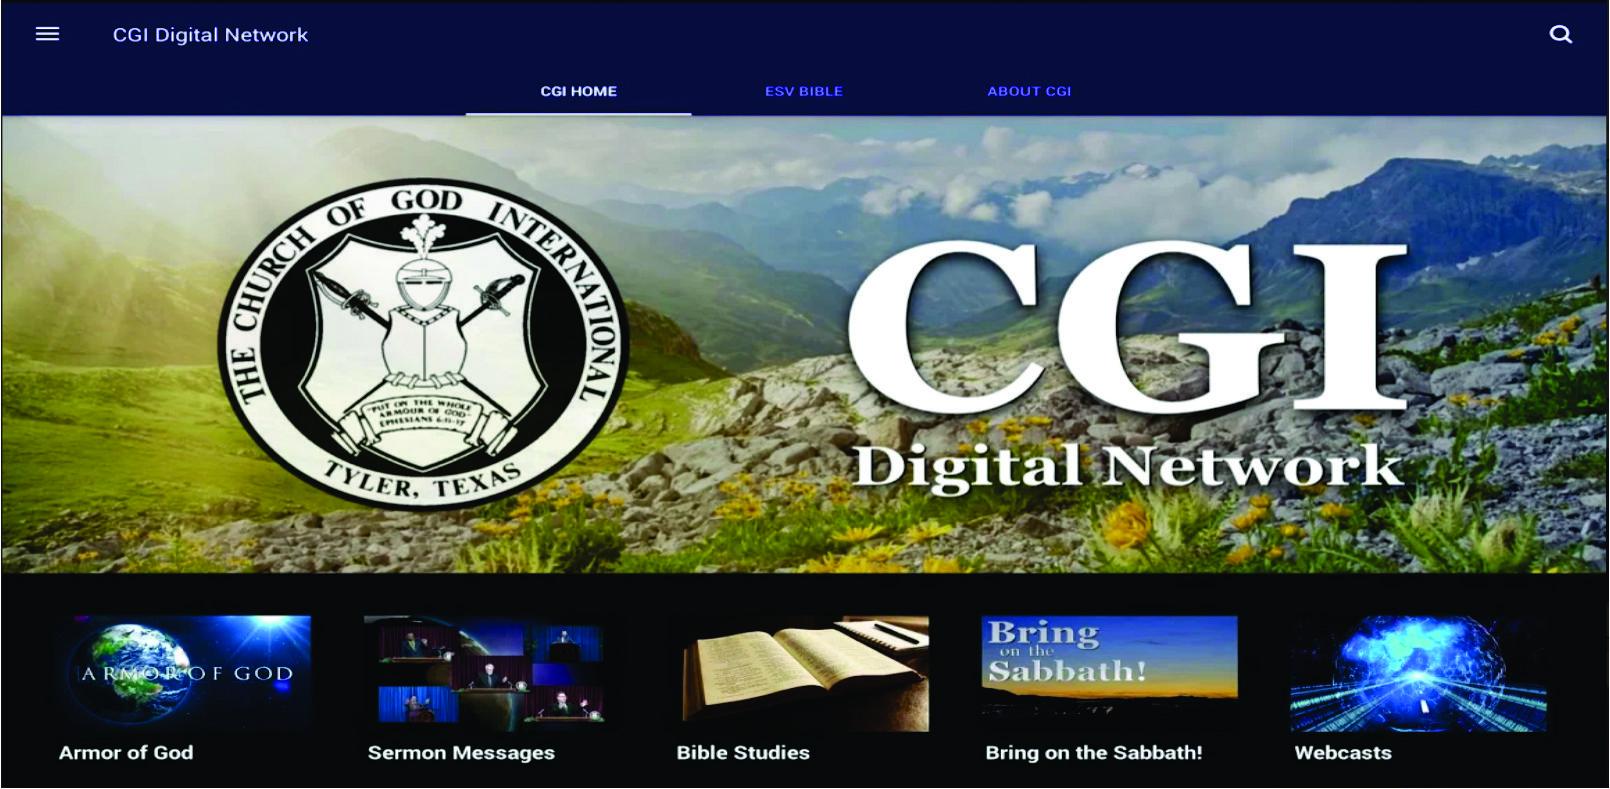 cgi digital network